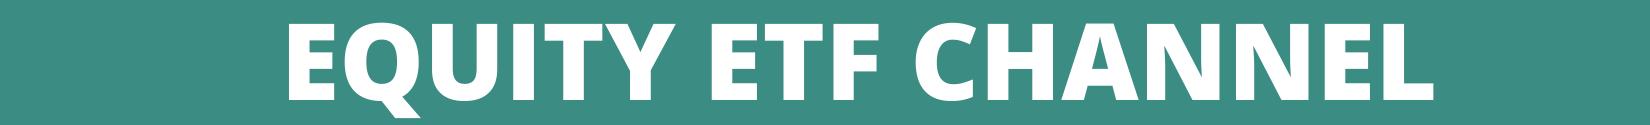 Equity ETF Channel - ETF Trends